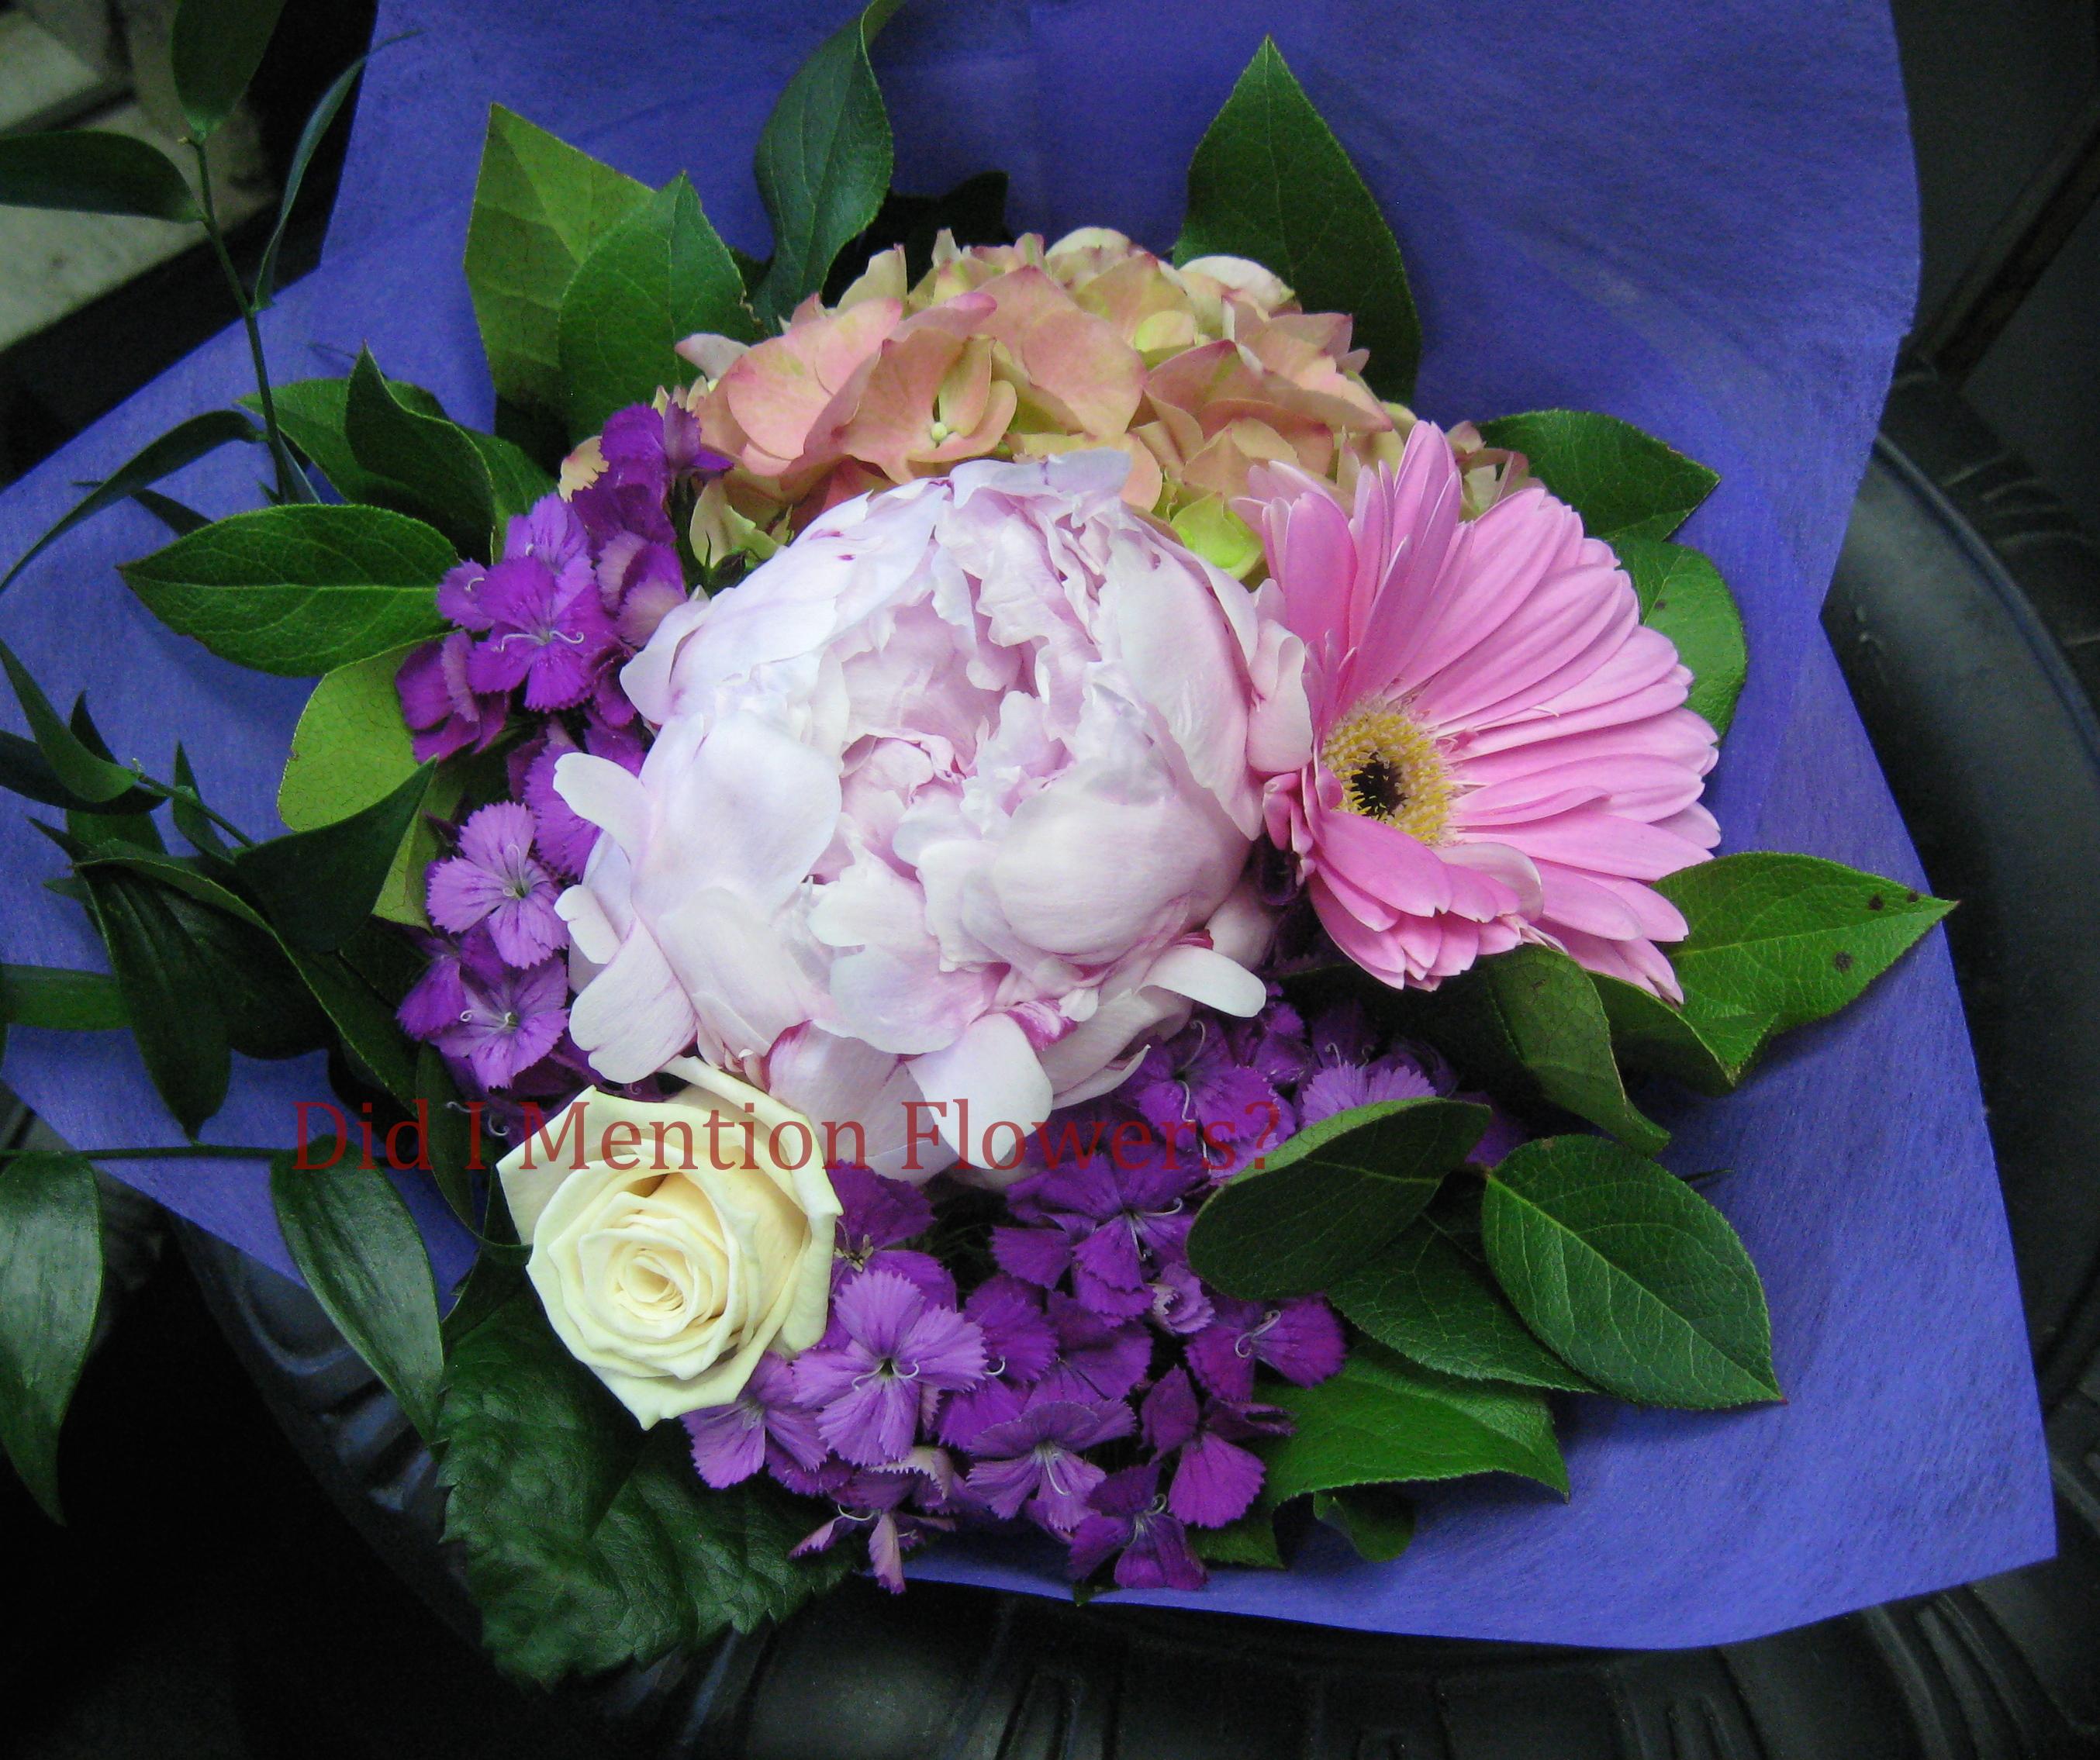 4 - Handtied Bouquet